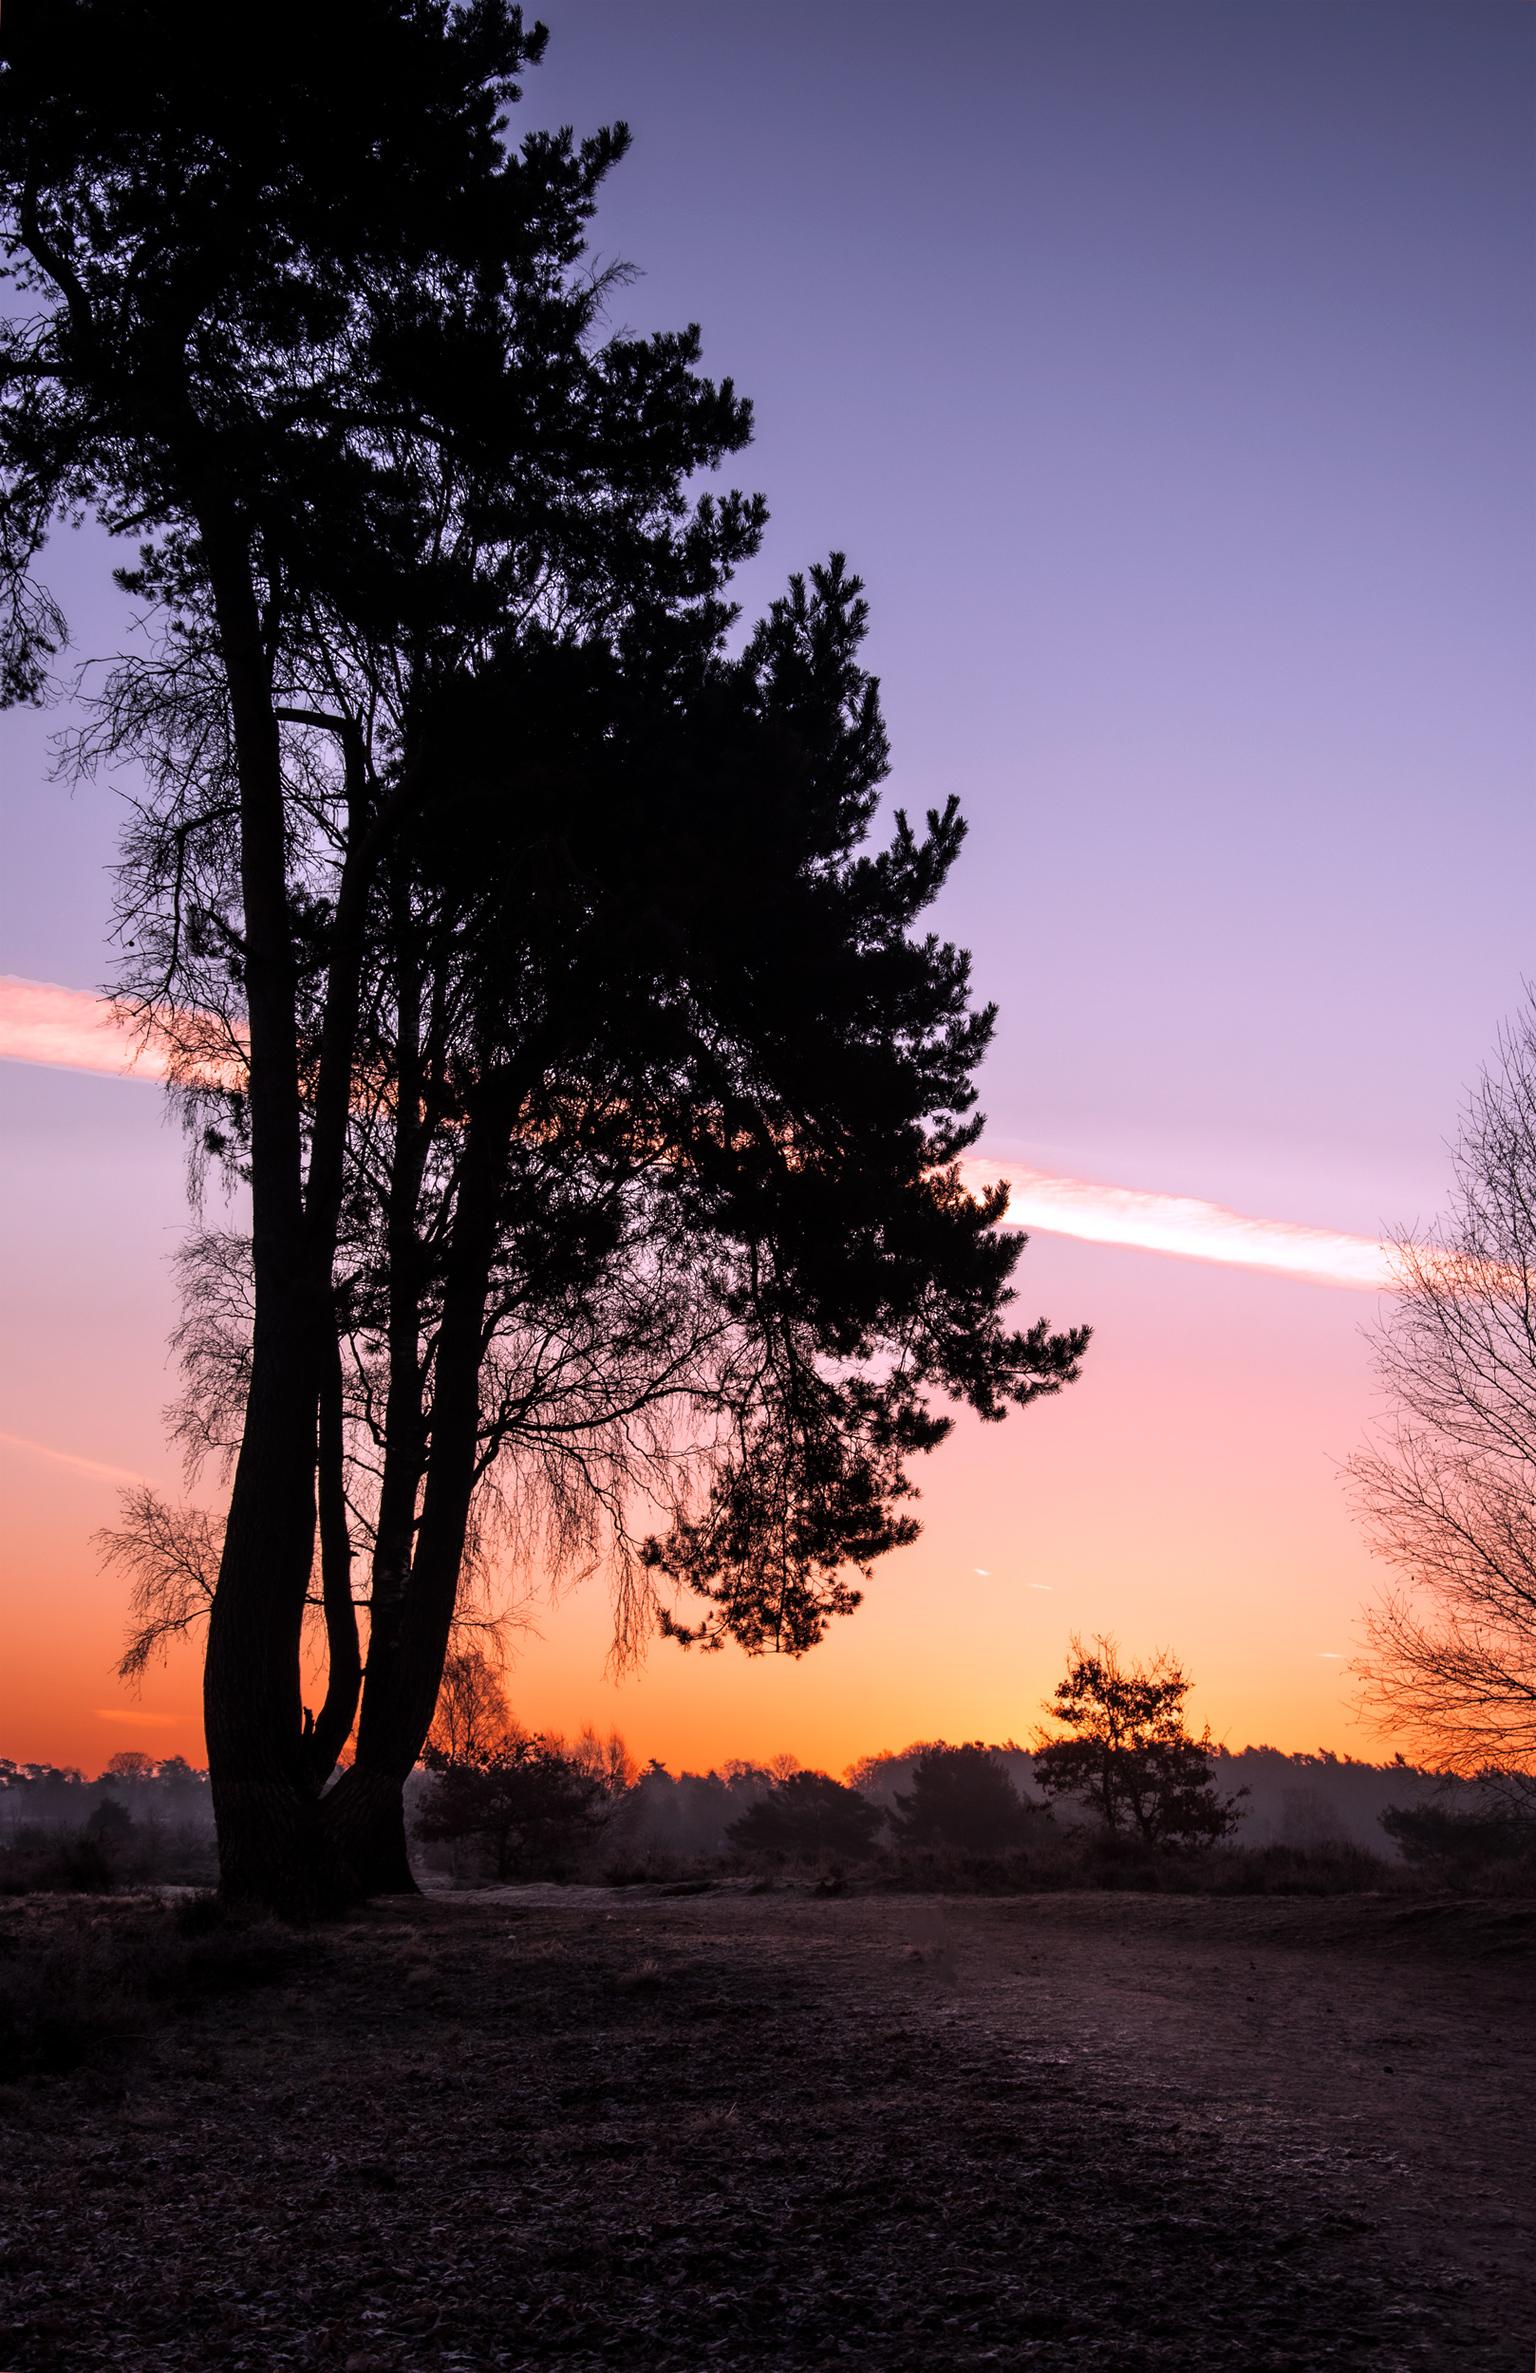 Sunrise - Favoriete moment van de dag - foto door SerenaZoom op 16-04-2021 - locatie: 6891 Rozendaal, Nederland - deze foto bevat: natuur, zonsopkomst, sunrise, veluwe, landschap, kleuren, ochtend, goudenuurtje, nikon, roze, natuurfotografie, lucht, nederland, lucht, atmosfeer, wolk, ecoregio, nagloeien, boom, natuurlijk landschap, afdeling, schemer, zonlicht